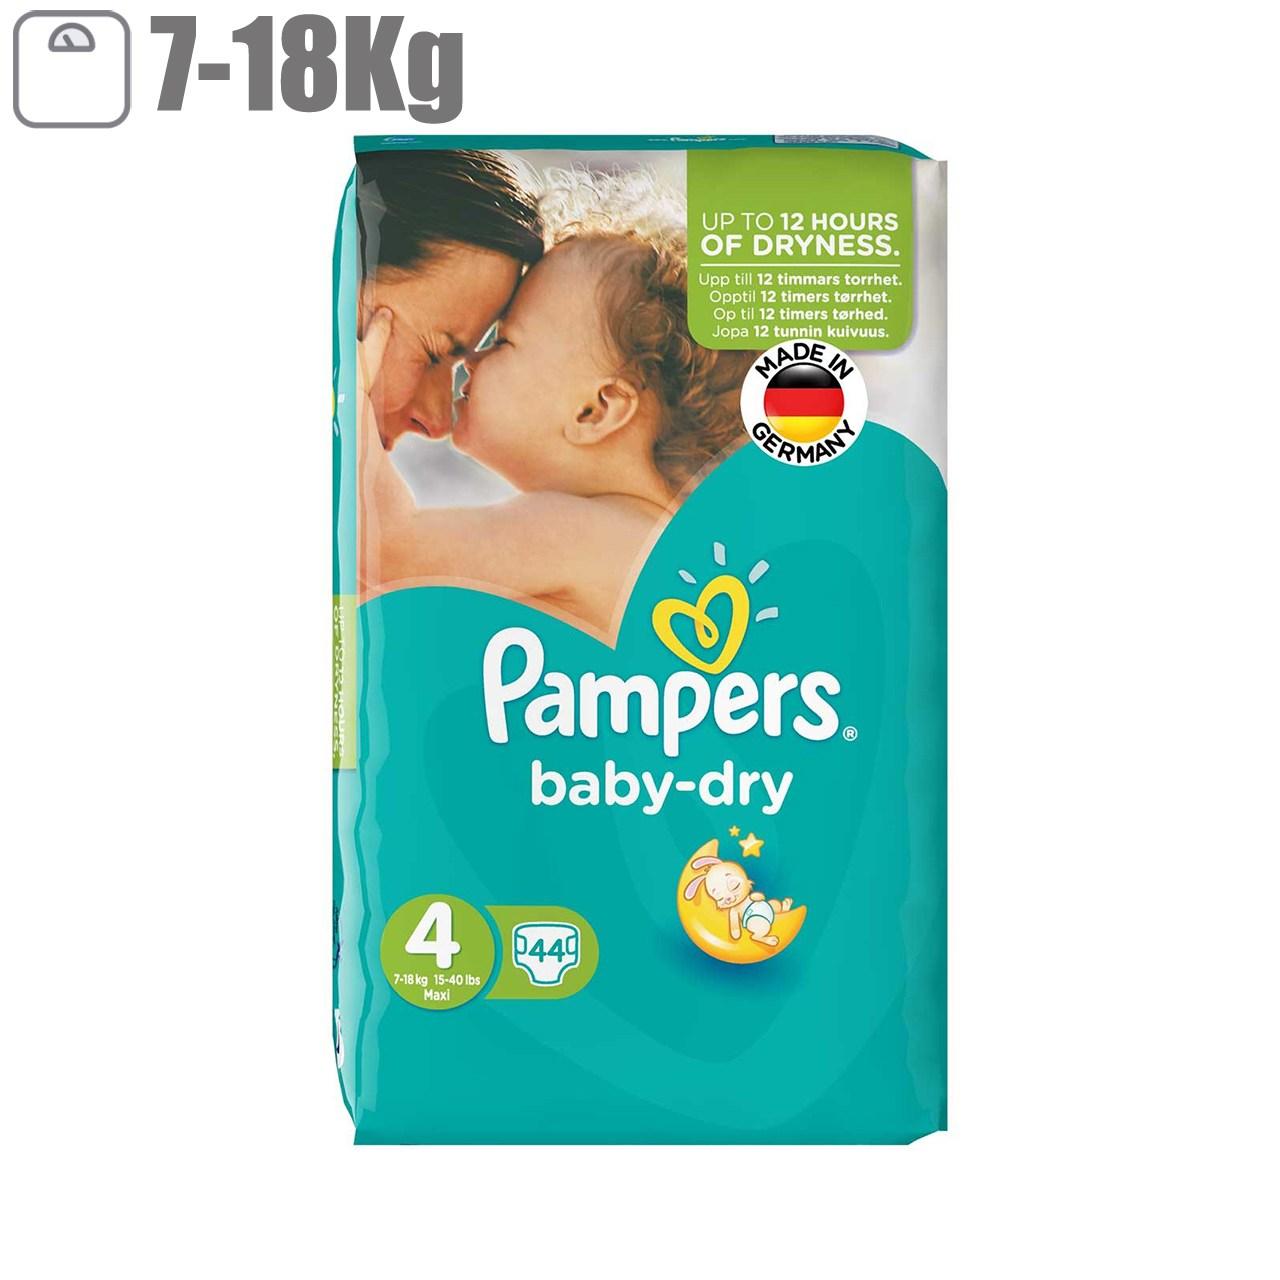 پوشک پمپرز مدل Baby Dry سایز 4 بسته 44 عددی